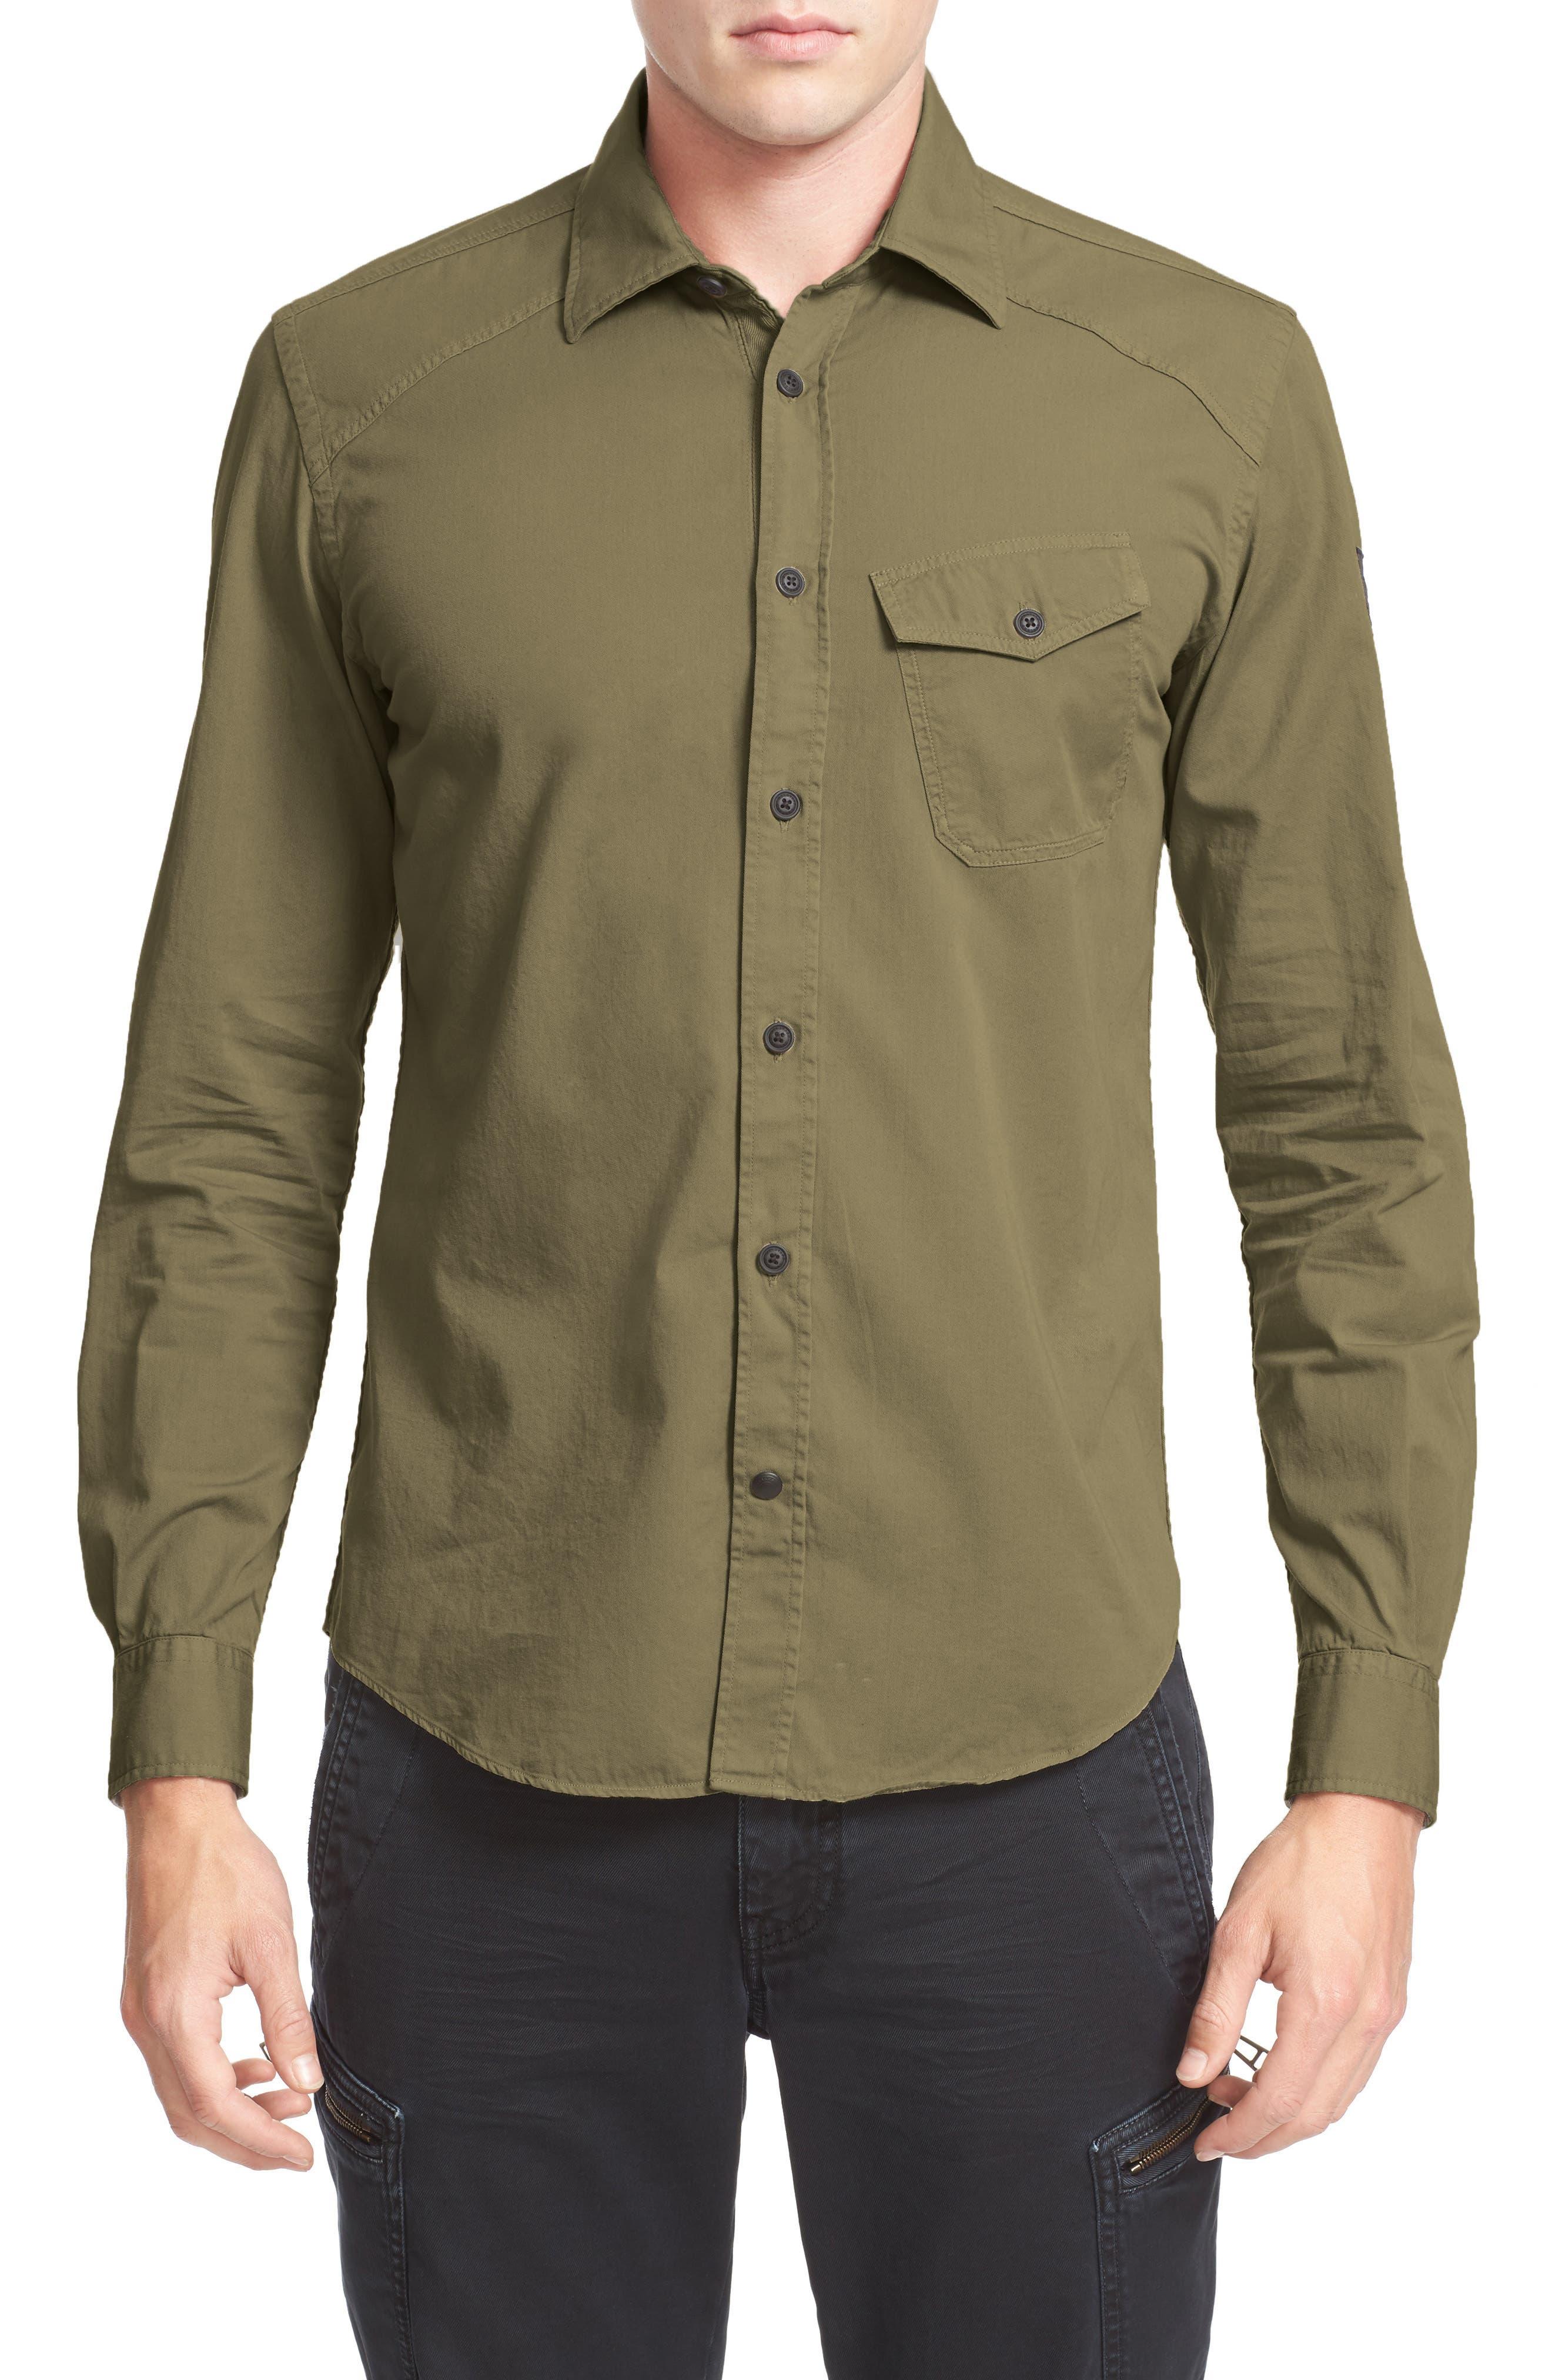 Main Image - Belstaff Steadway Woven Shirt